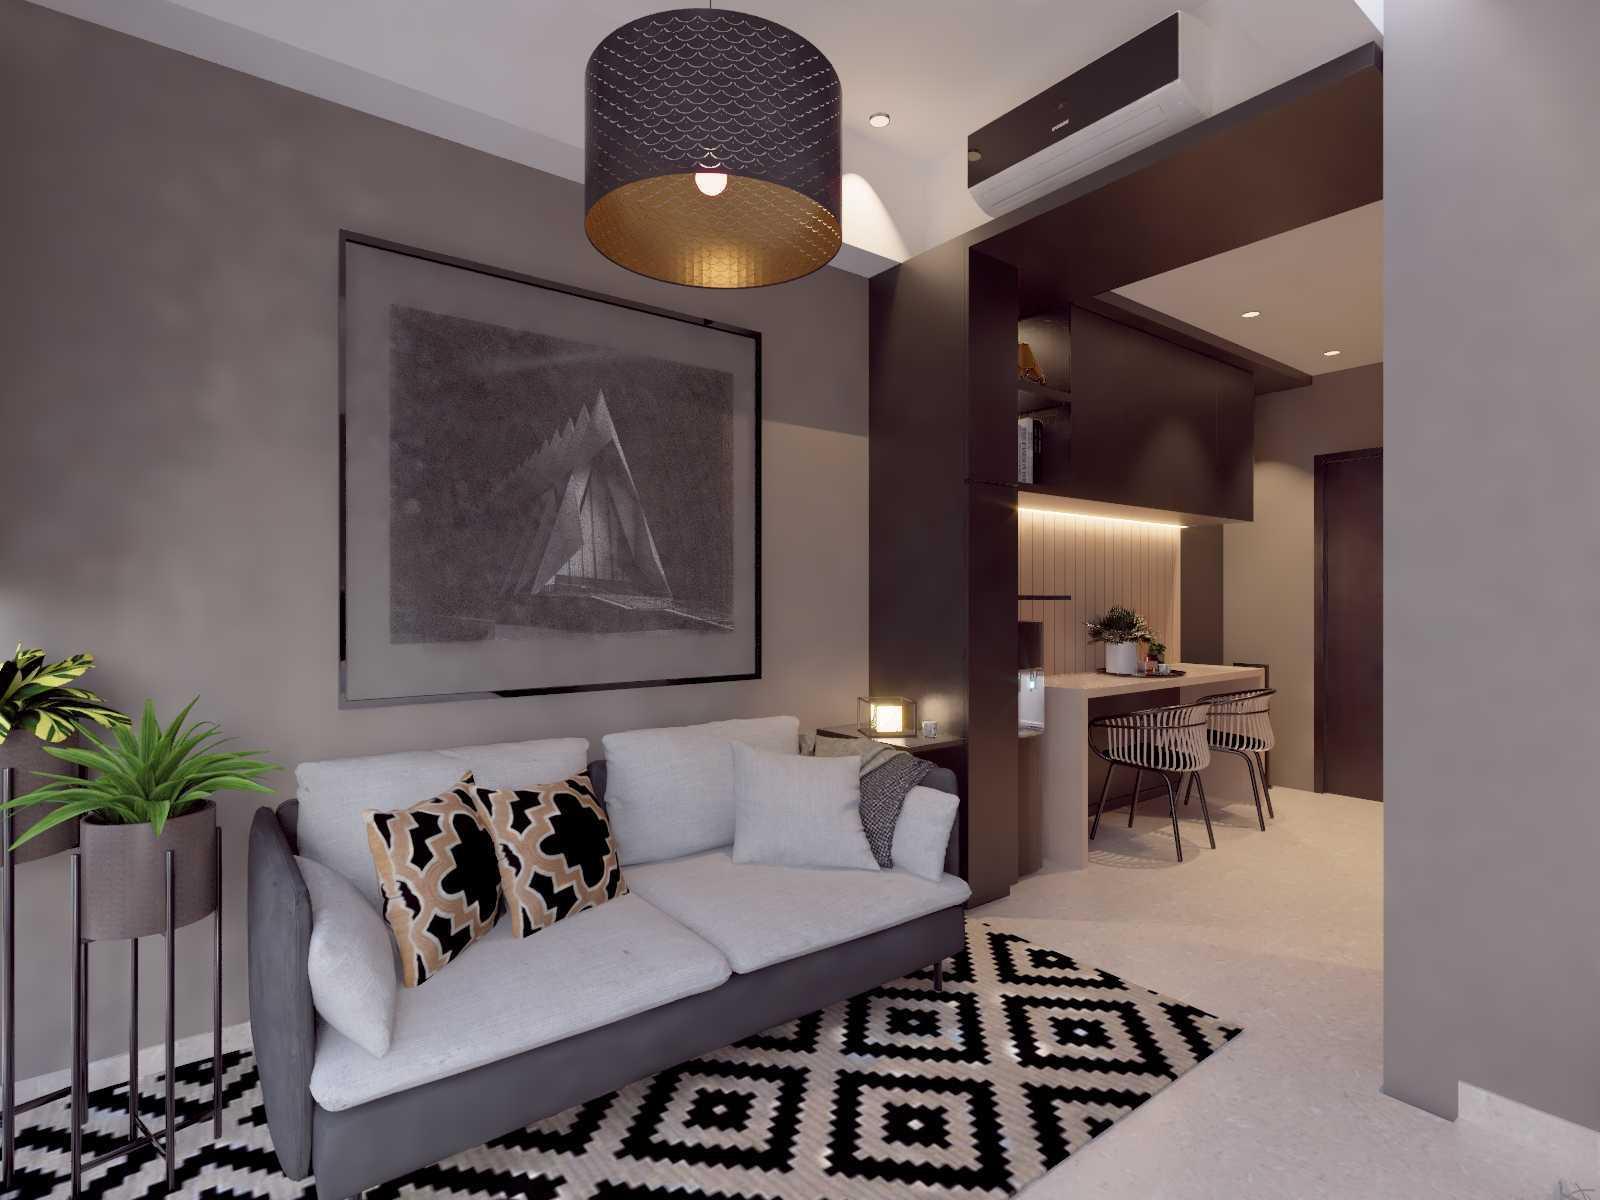 Savala Associate W+L 1 Apartment Jakarta, Daerah Khusus Ibukota Jakarta, Indonesia Jakarta, Daerah Khusus Ibukota Jakarta, Indonesia Savala-Associate-Wl-1-Apartment  116691